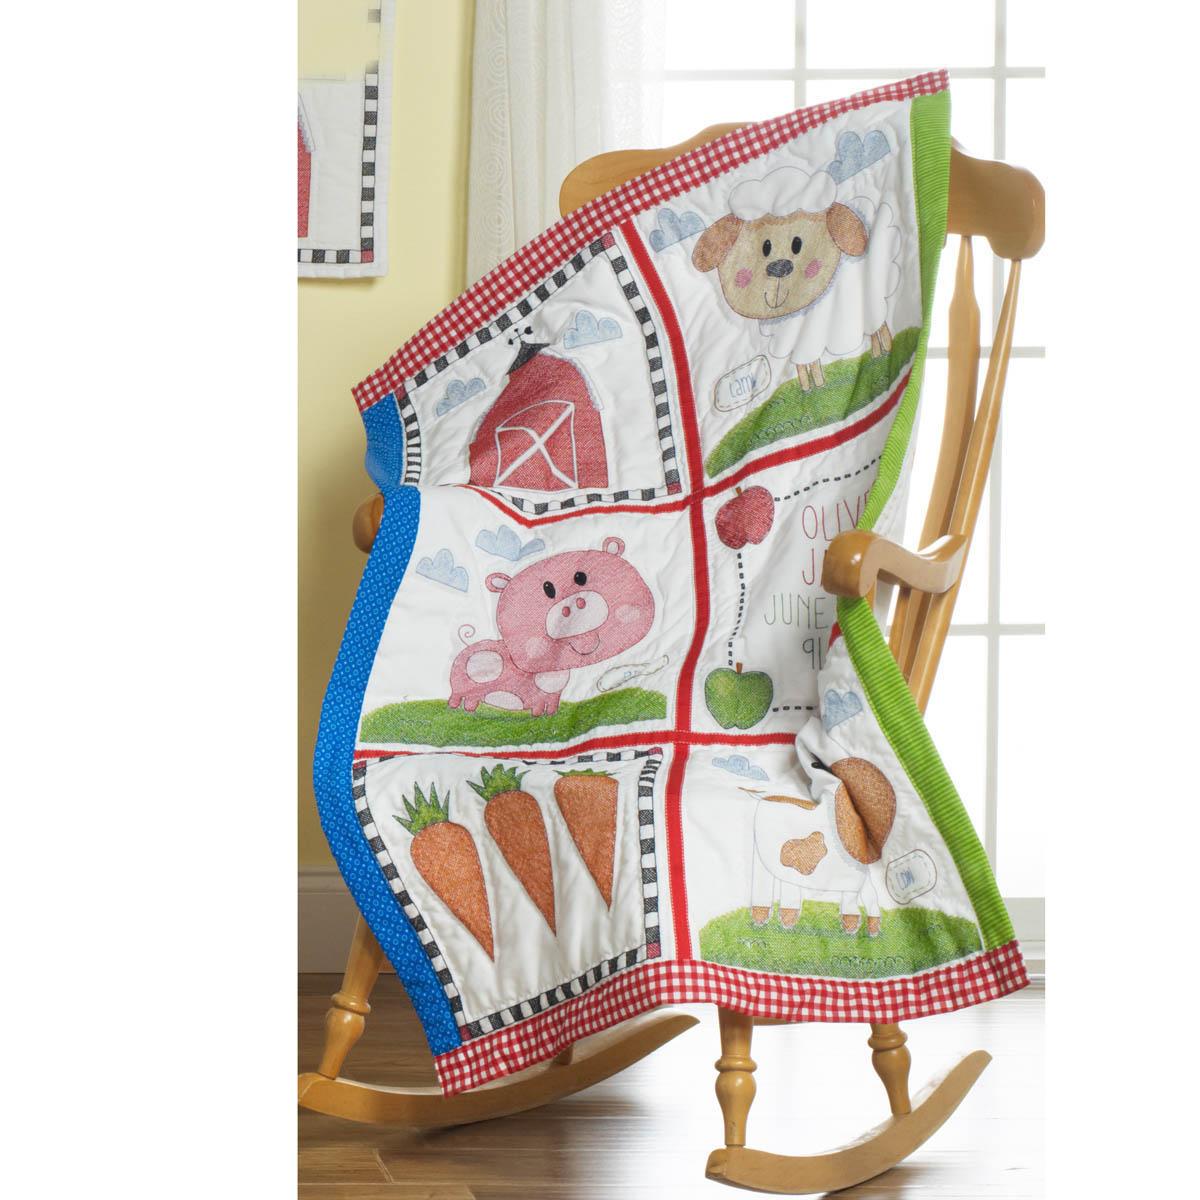 Bucilla ® Baby - Stamped Cross Stitch - Crib Ensembles - Farm Animals - Quilt Blocks